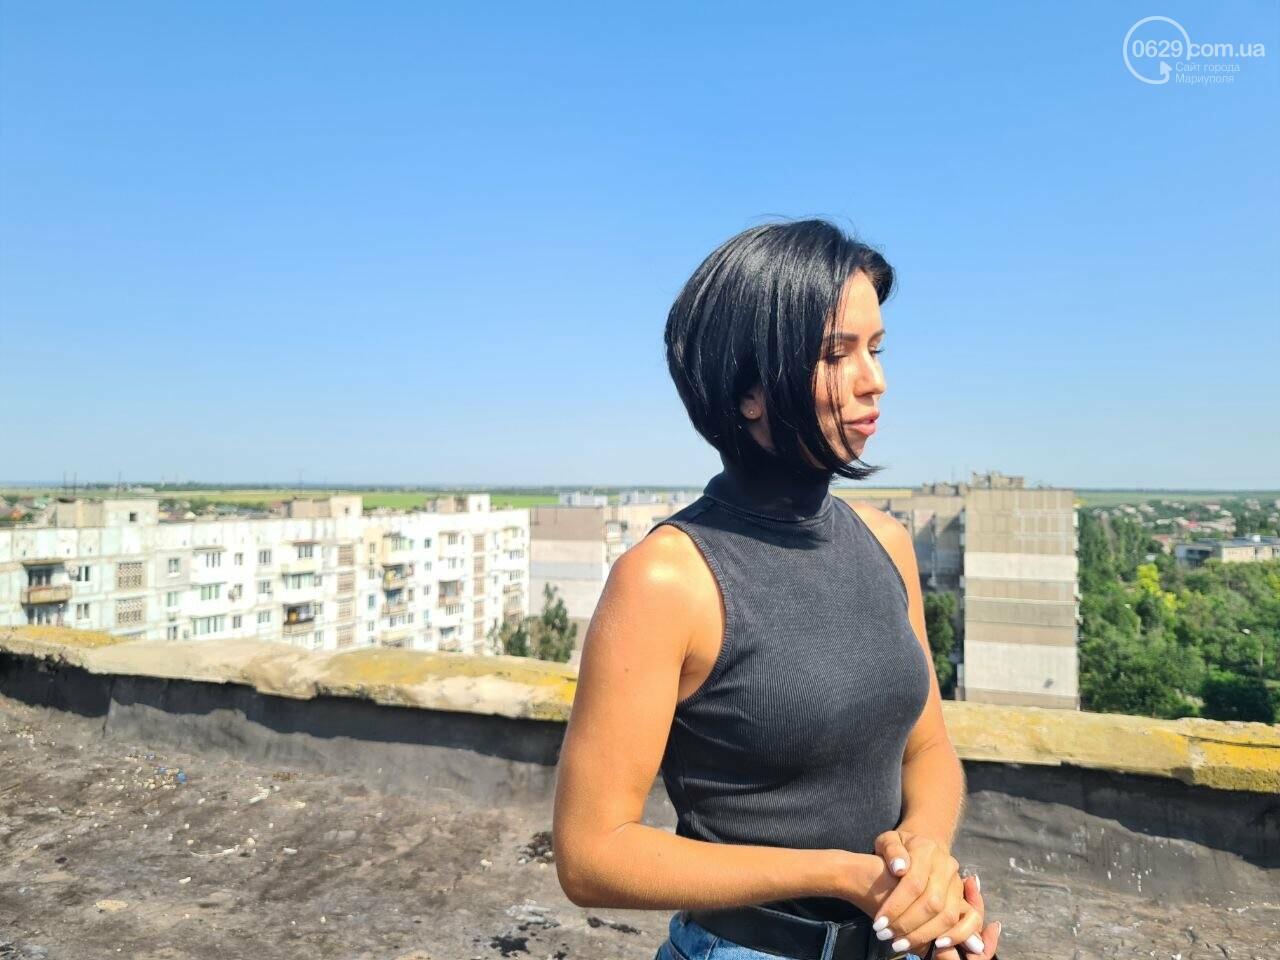 Эхо непогоды! В Мариуполе внепланово ремонтируют пострадавшую от ливня многоэтажку, - ФОТО, фото-6